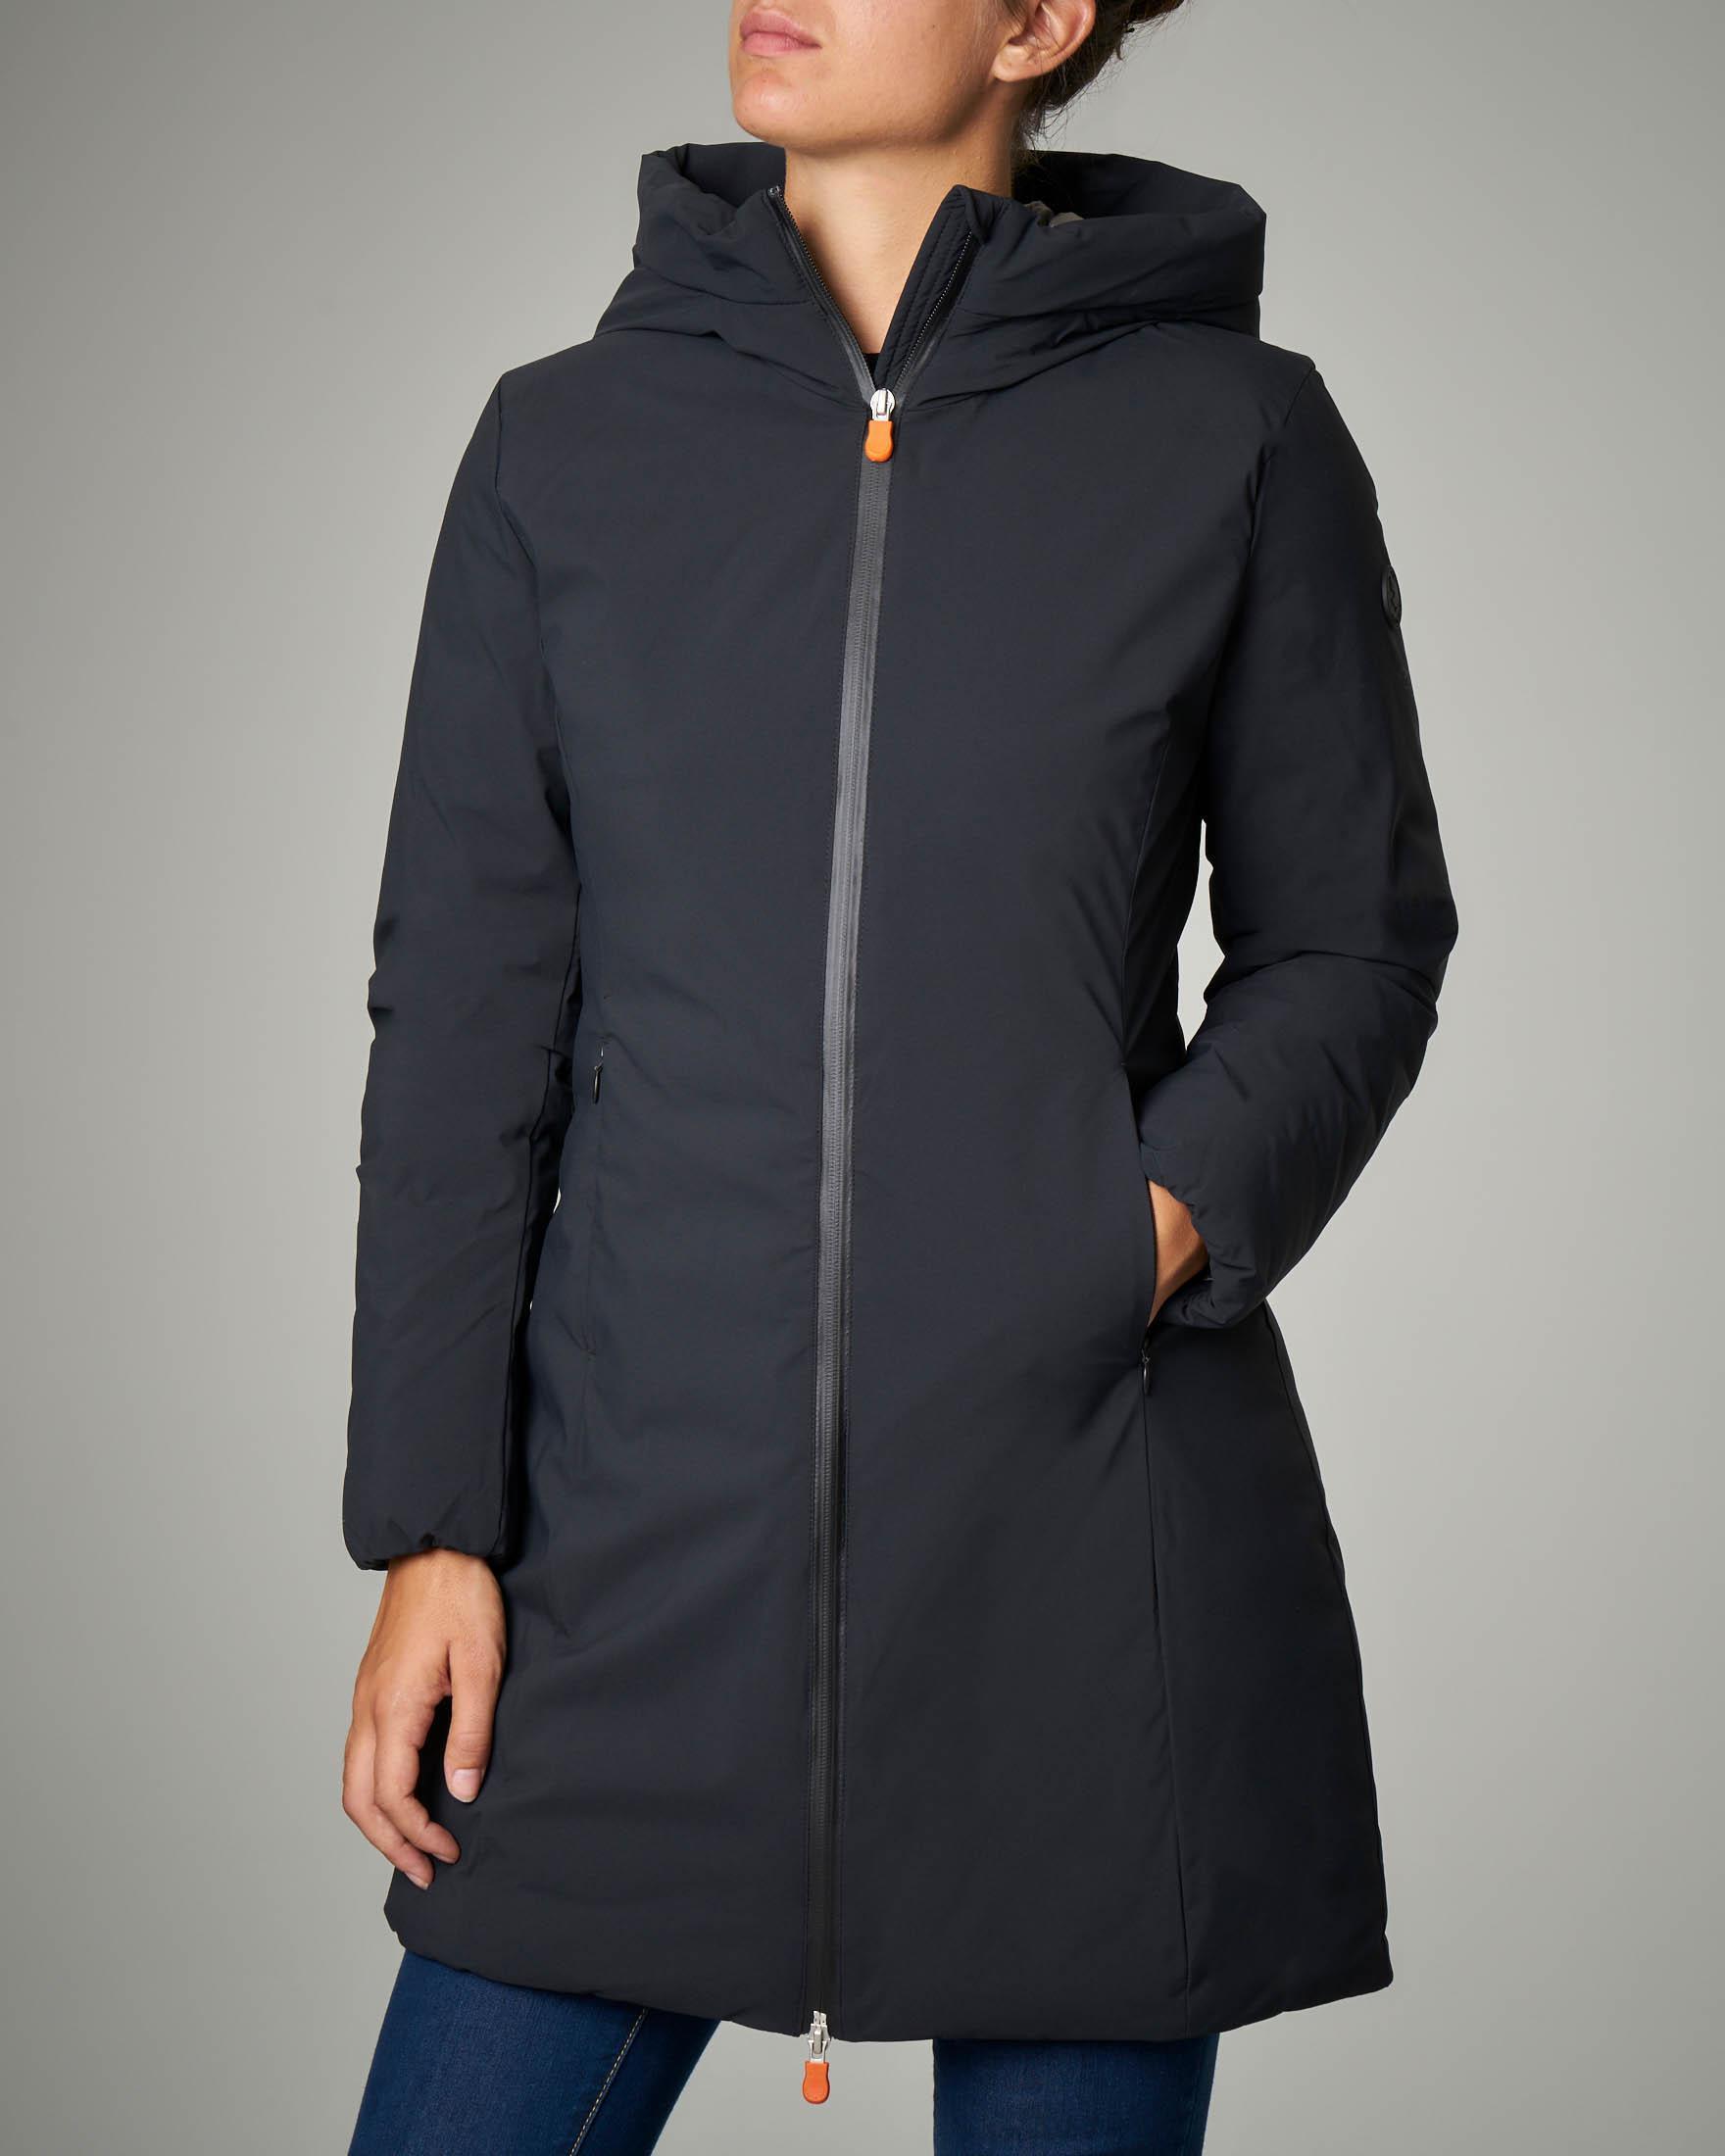 Giaccone imbottito lungo nero con cappuccio